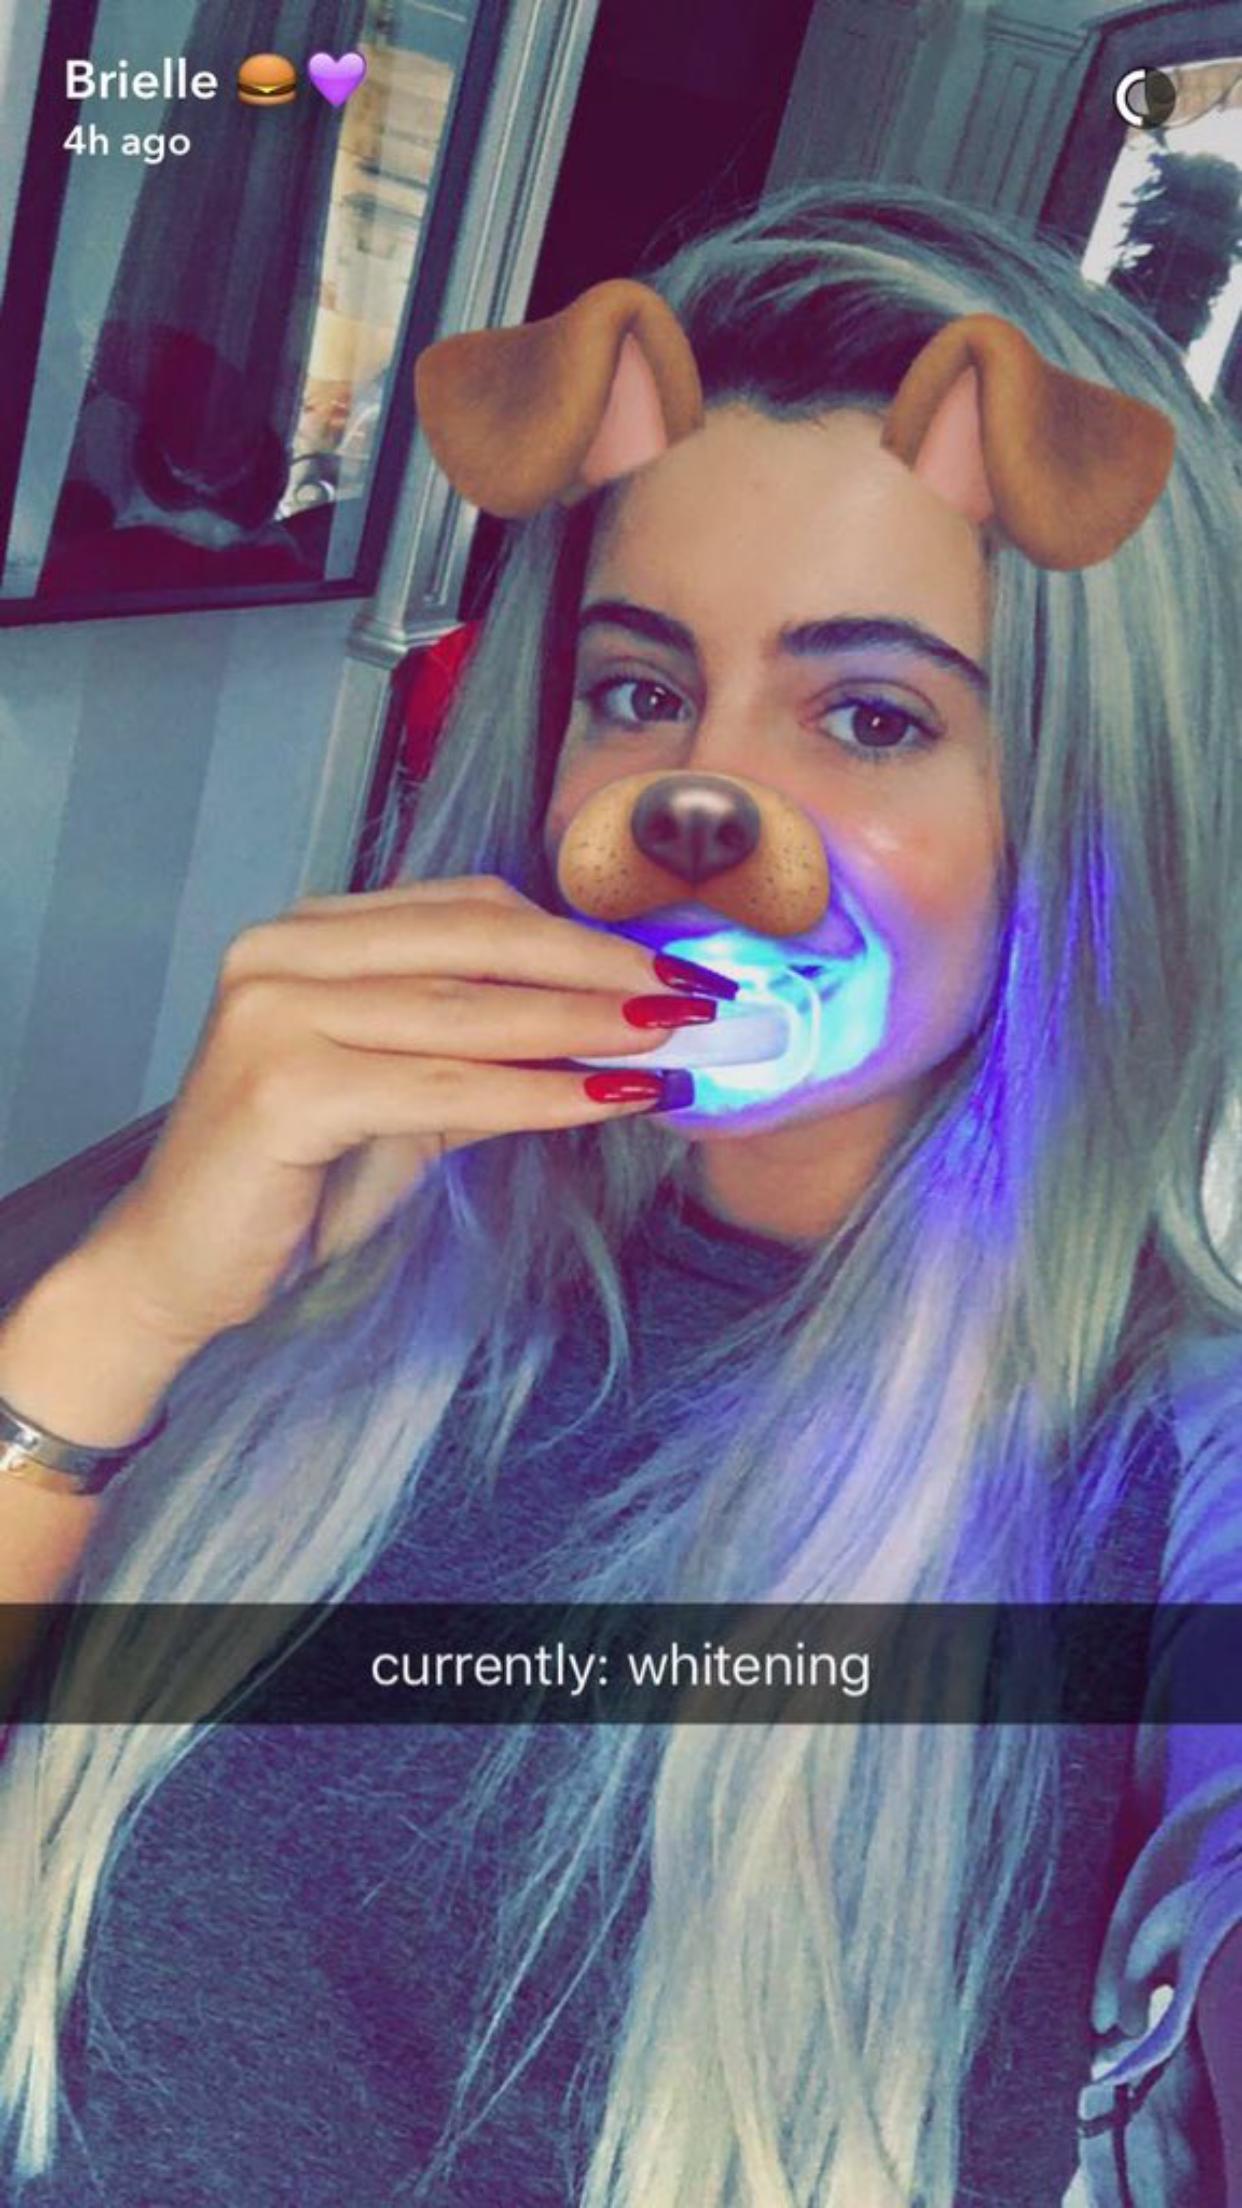 Pin by Brielle on Snapchats Kim zolciak, Brielle bierman